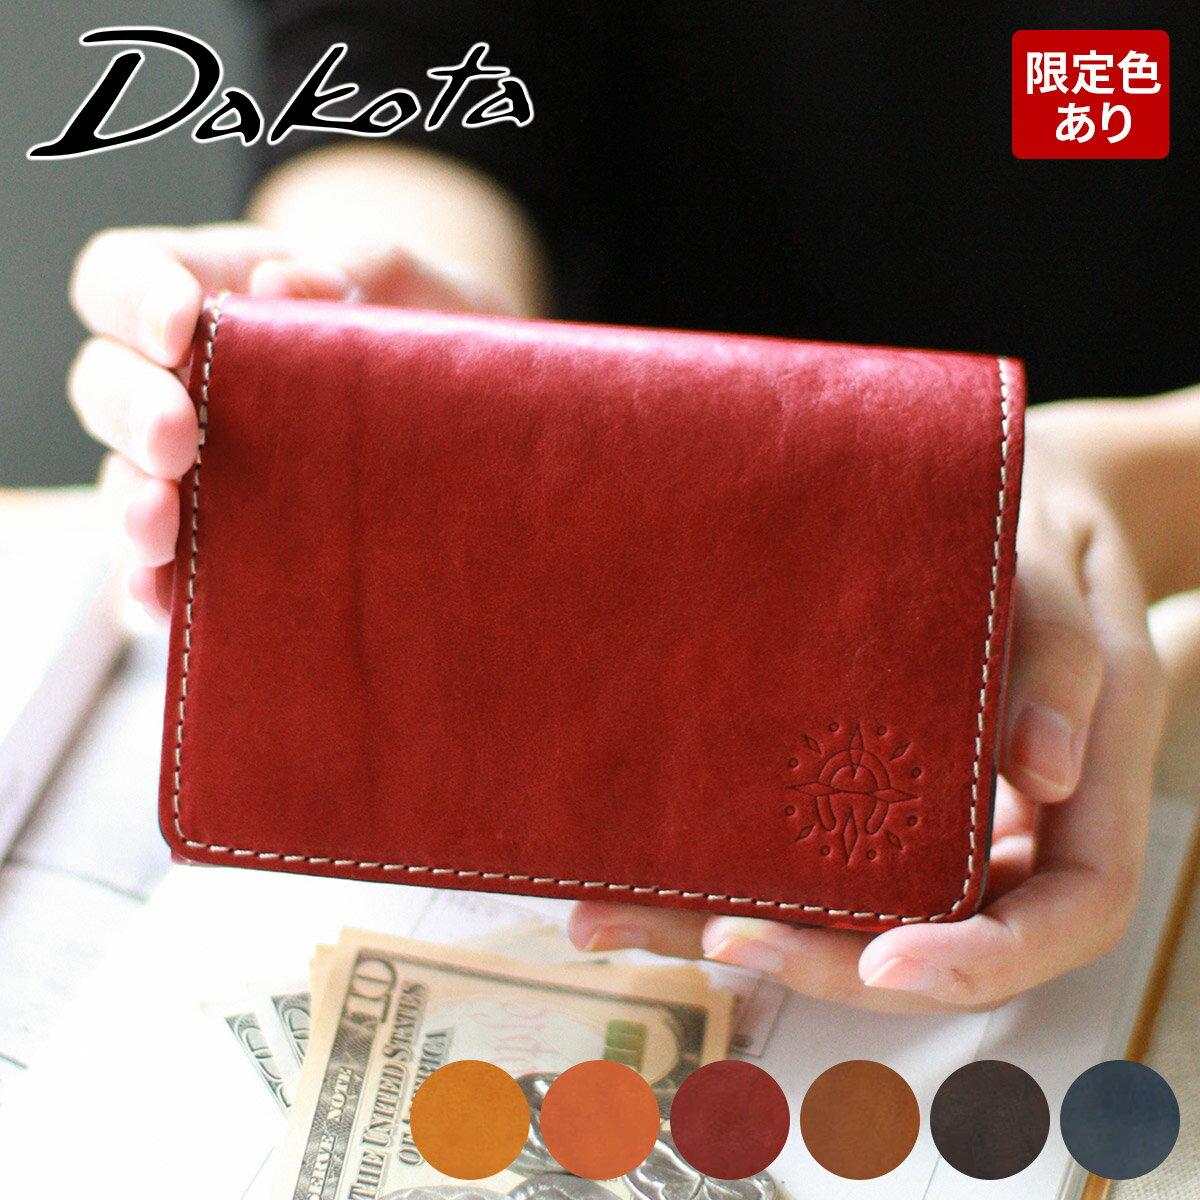 【かわいいWプレゼント付】 Dakota ダコタ フォンス 小銭入れ付き二つ折り財布 0035891(0034891)レディース 財布 二つ折り財布 ギフト かわいい おしゃれ プレゼント